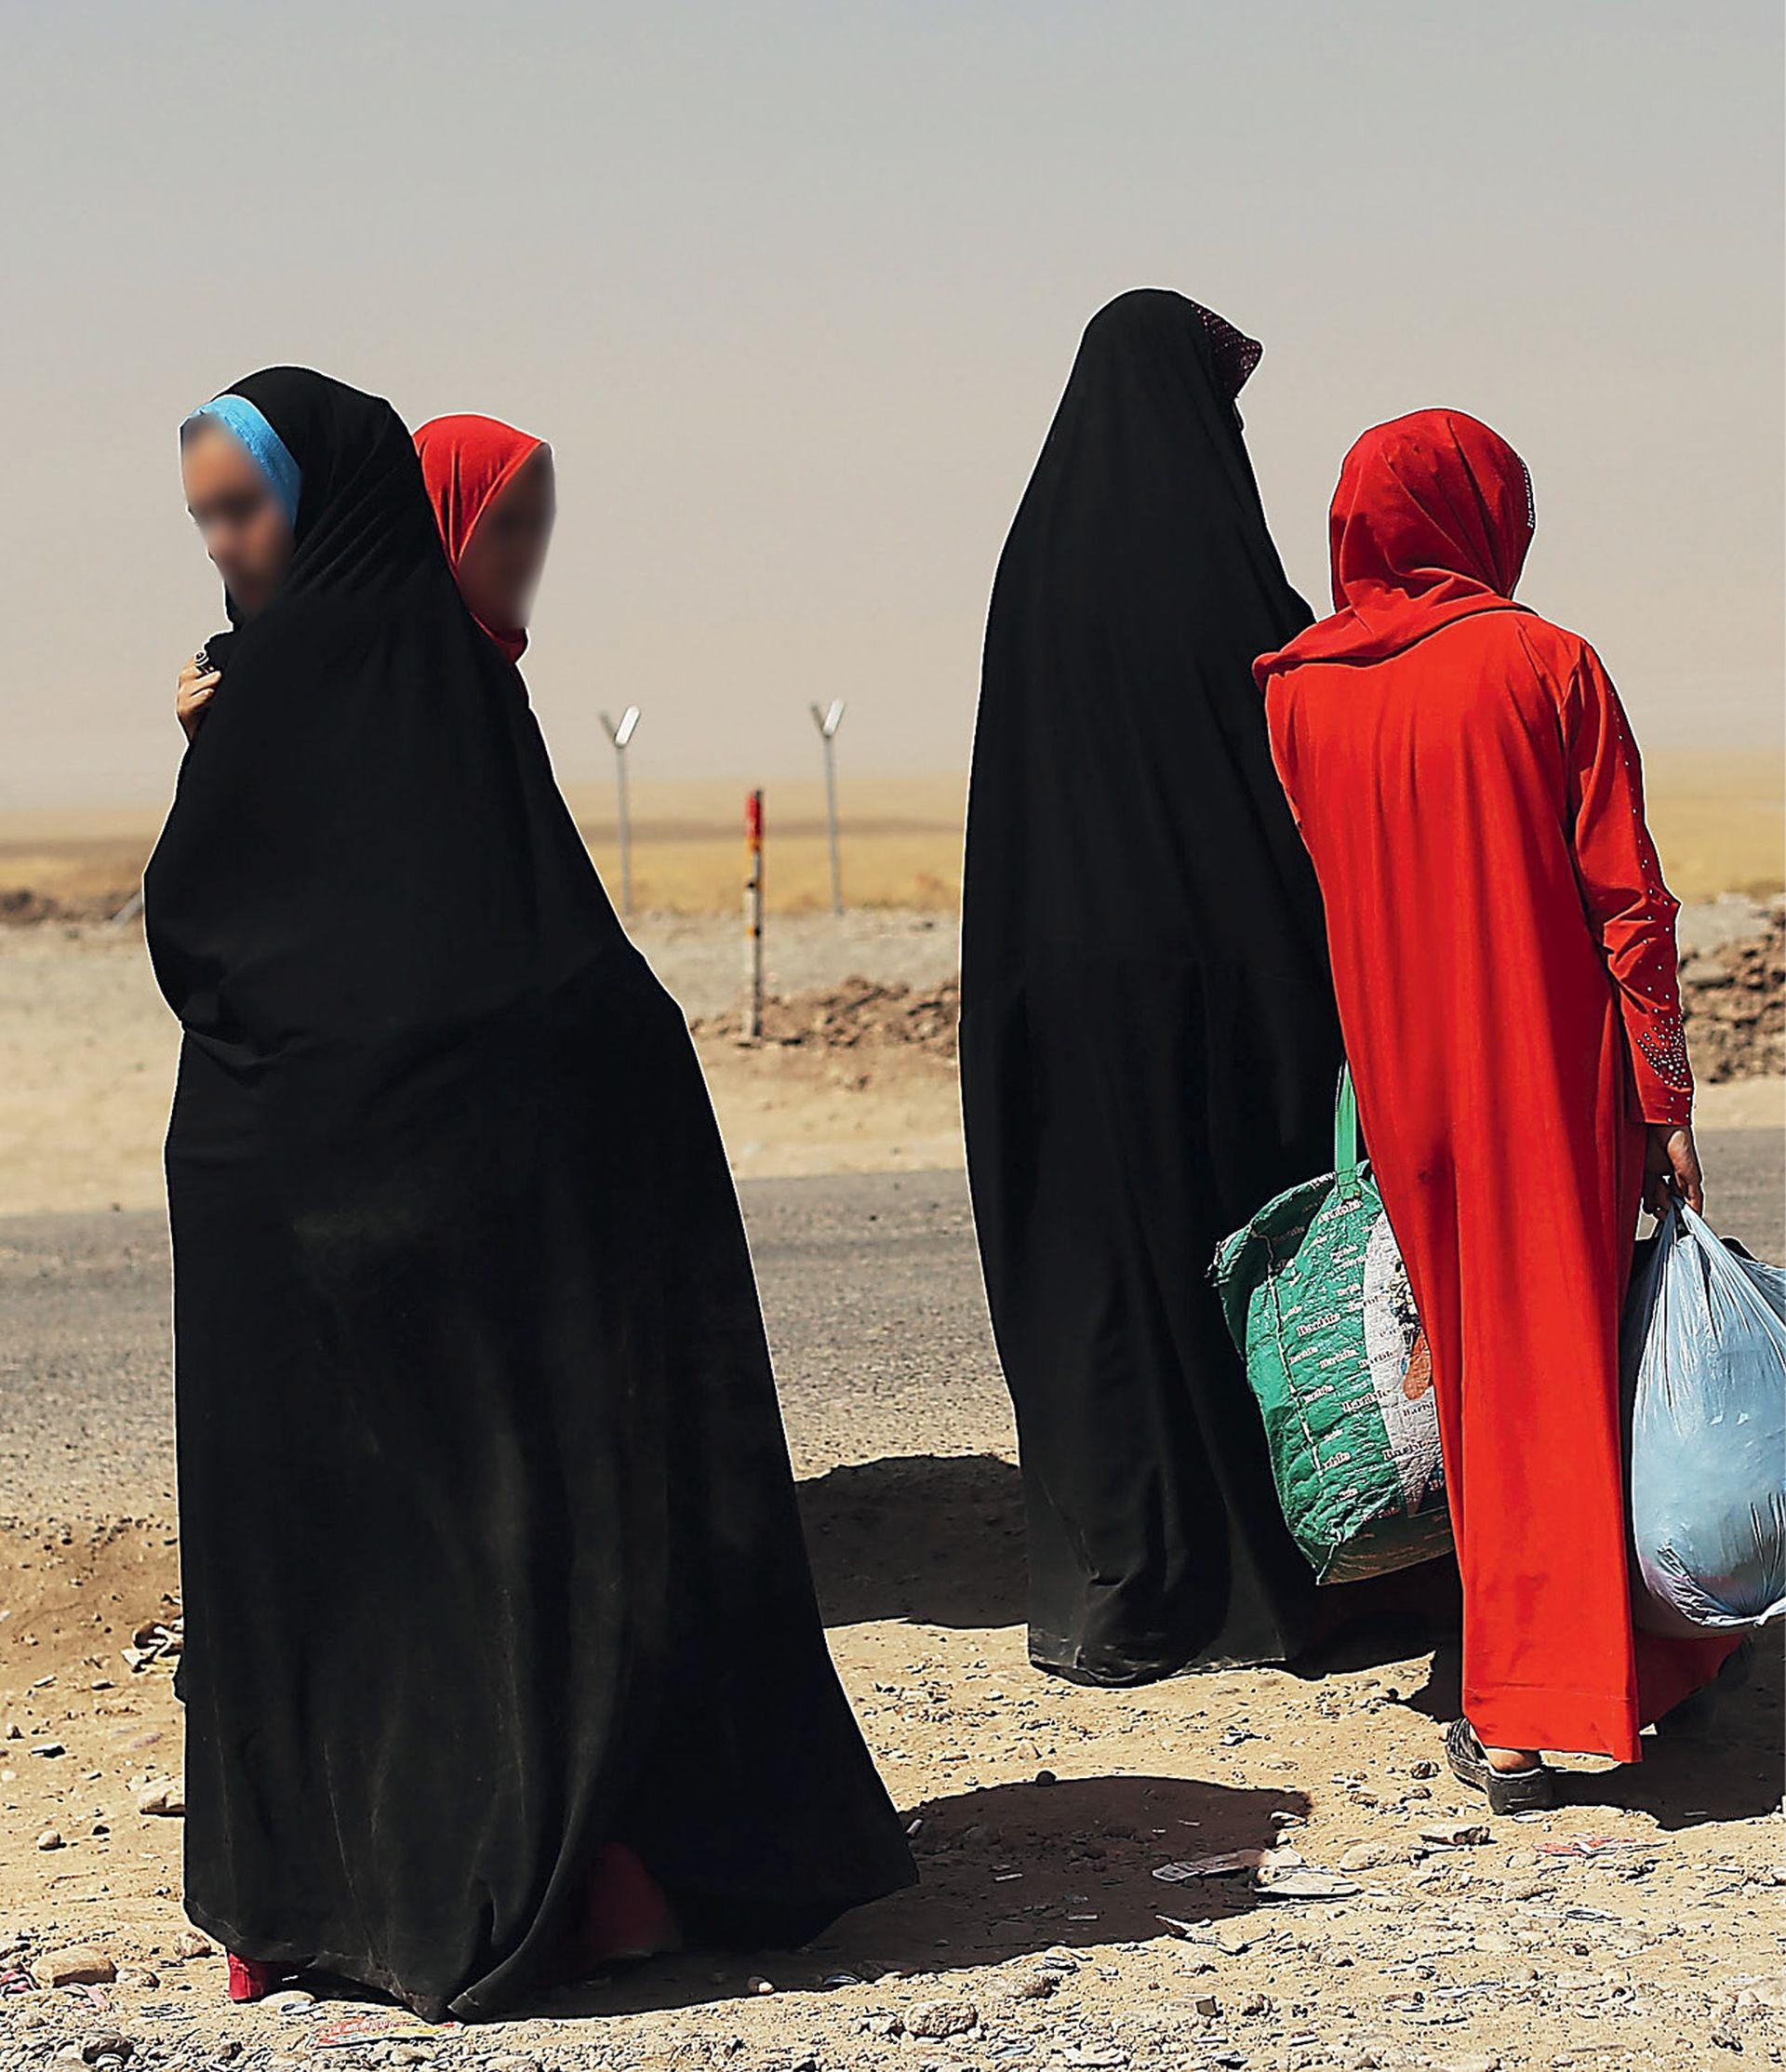 FELJTON Djevojka koja je pobijedila vojnike Islamske države